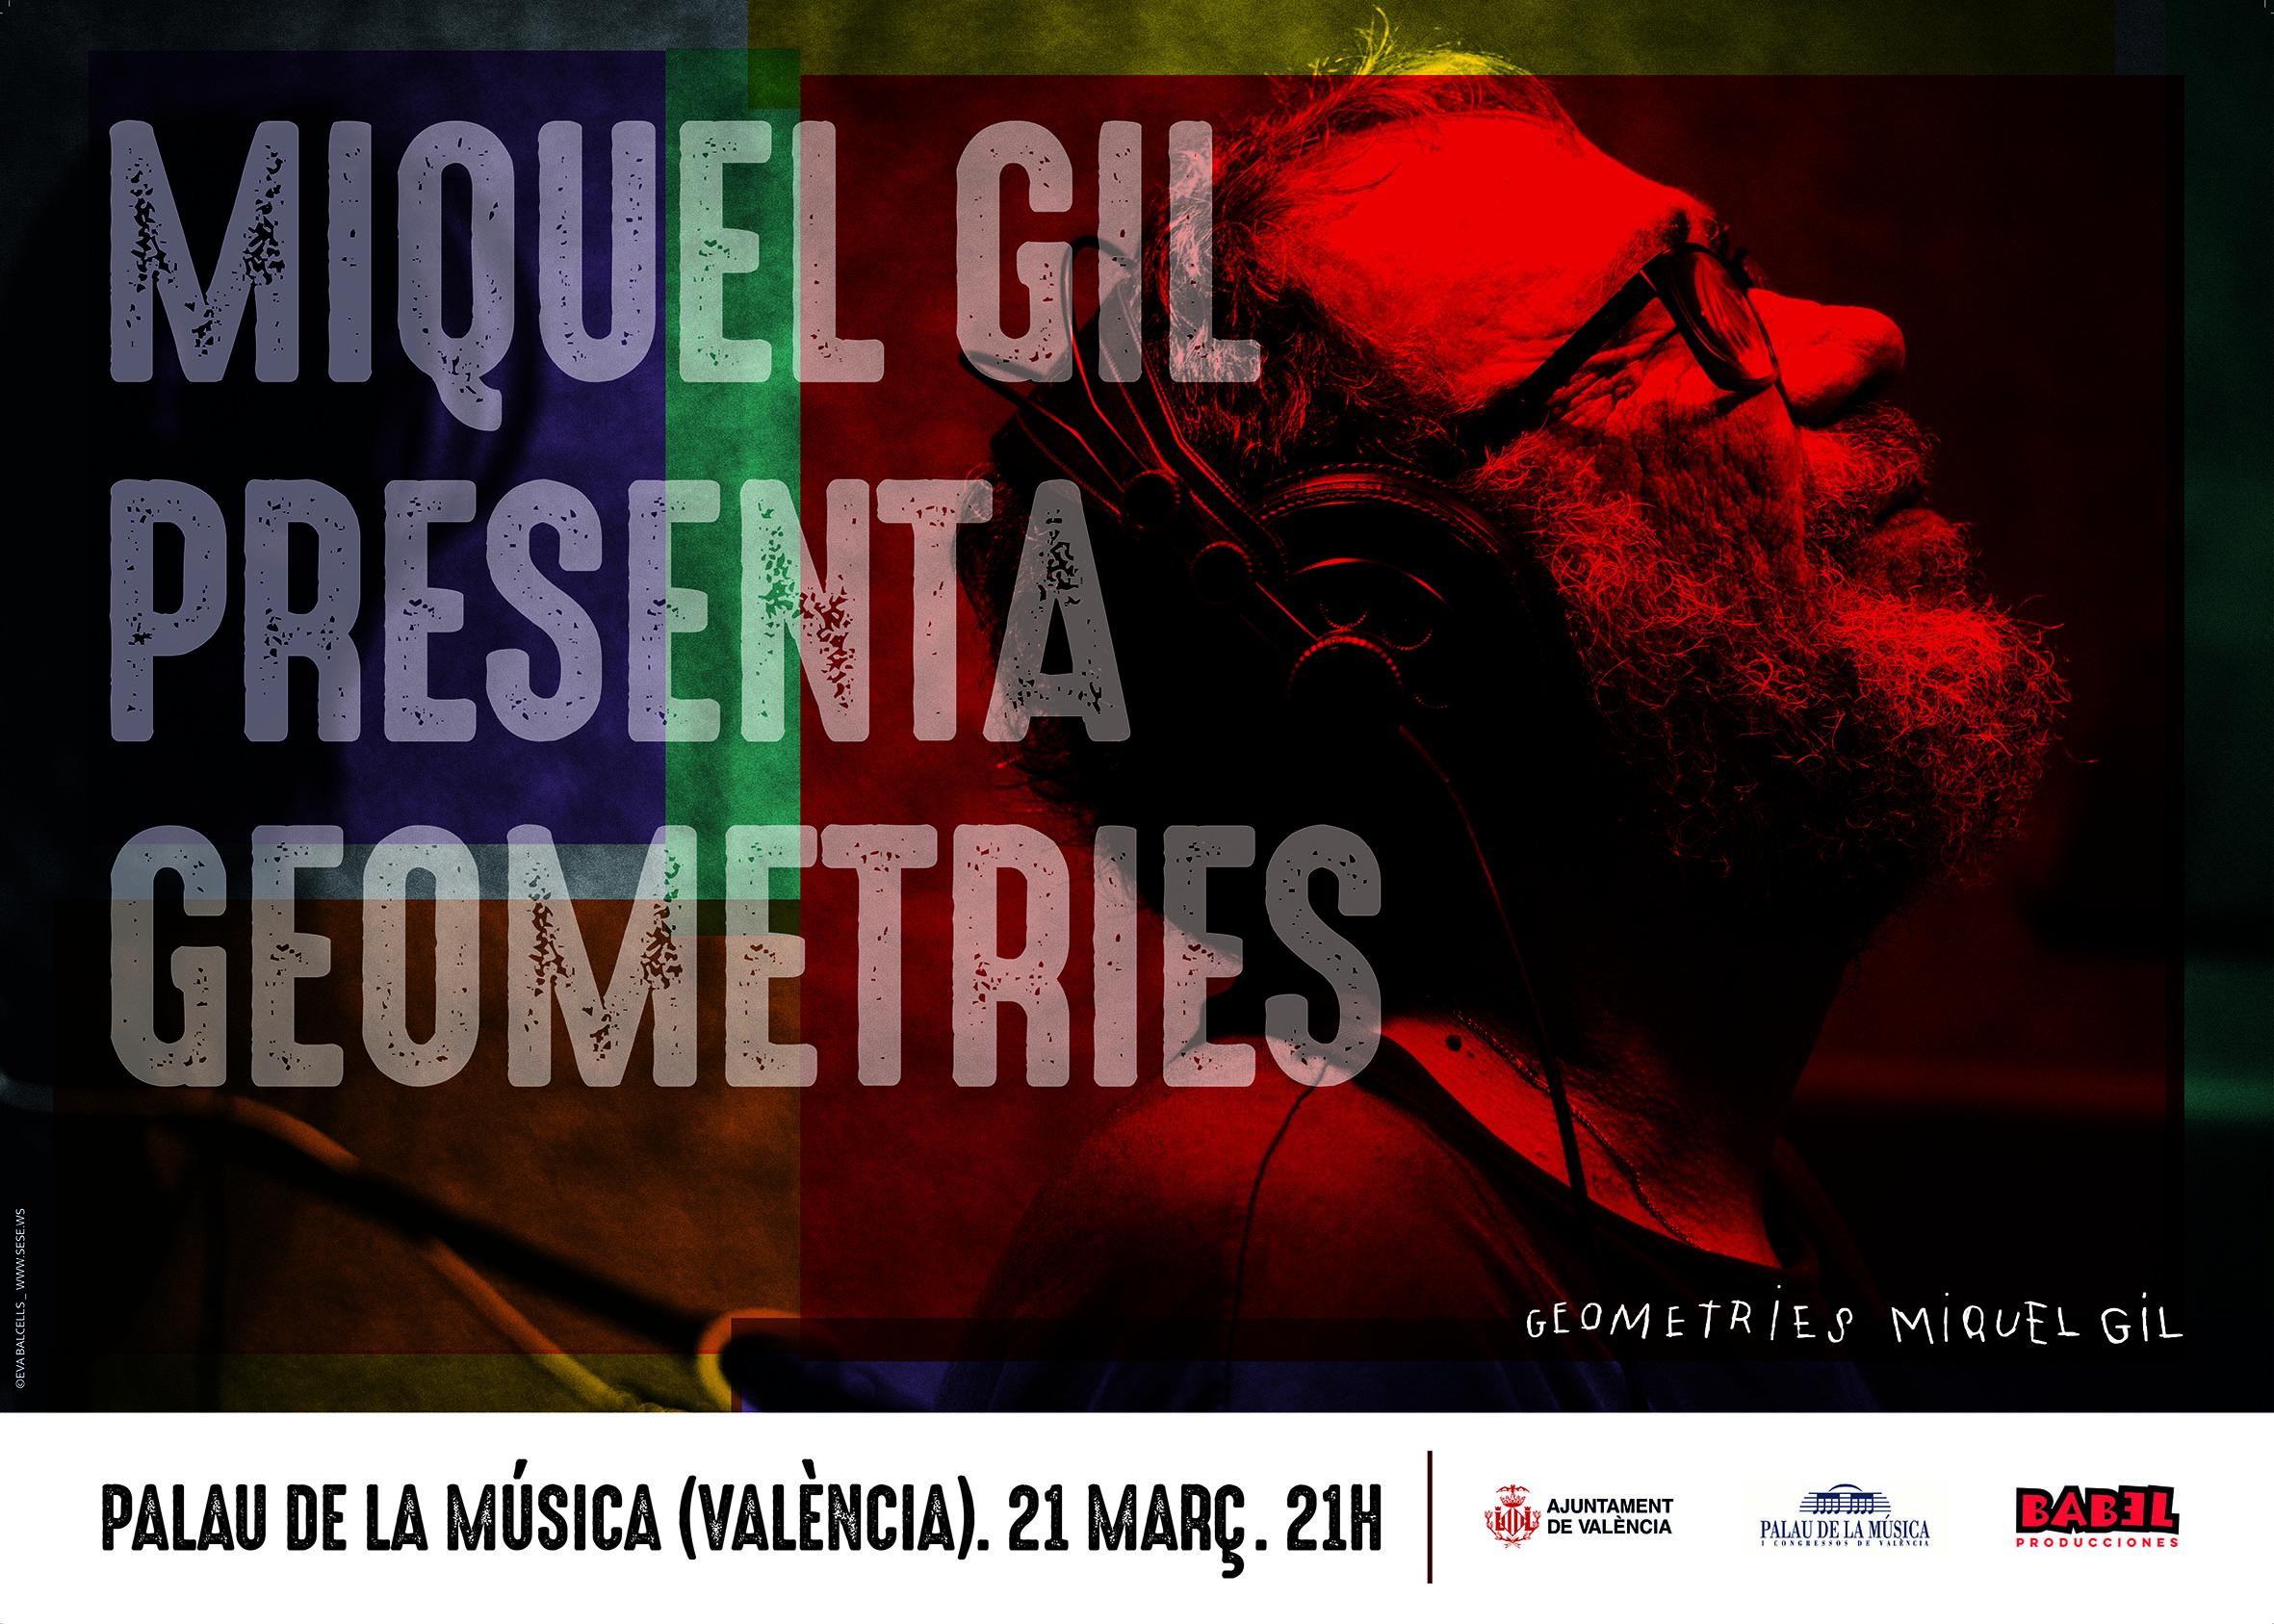 """Miquel Gil torna amb """"Geometries"""" al Palau de la Musica de València. 21 de Març."""